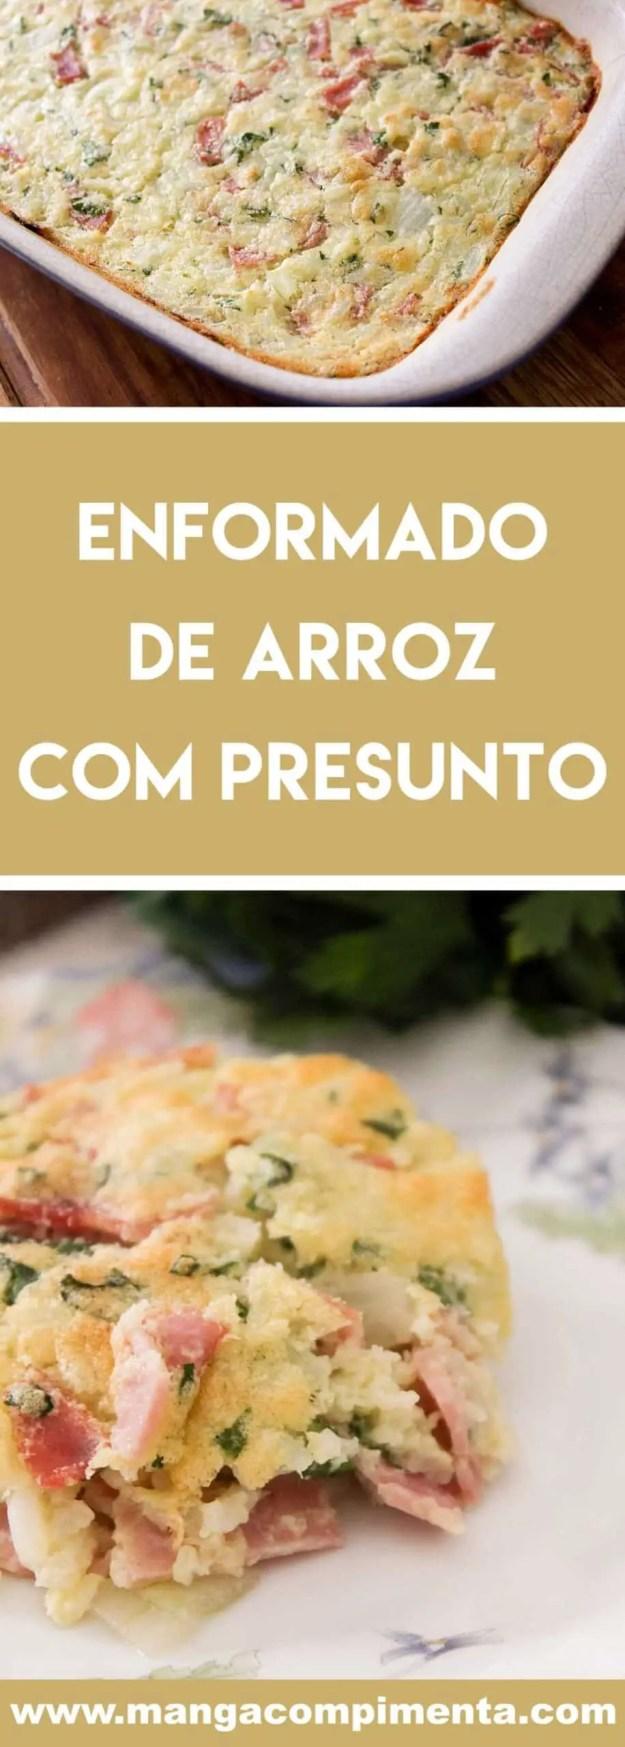 Receita de Enformado de Arroz com Presunto - para um almoço rápido e gostoso.